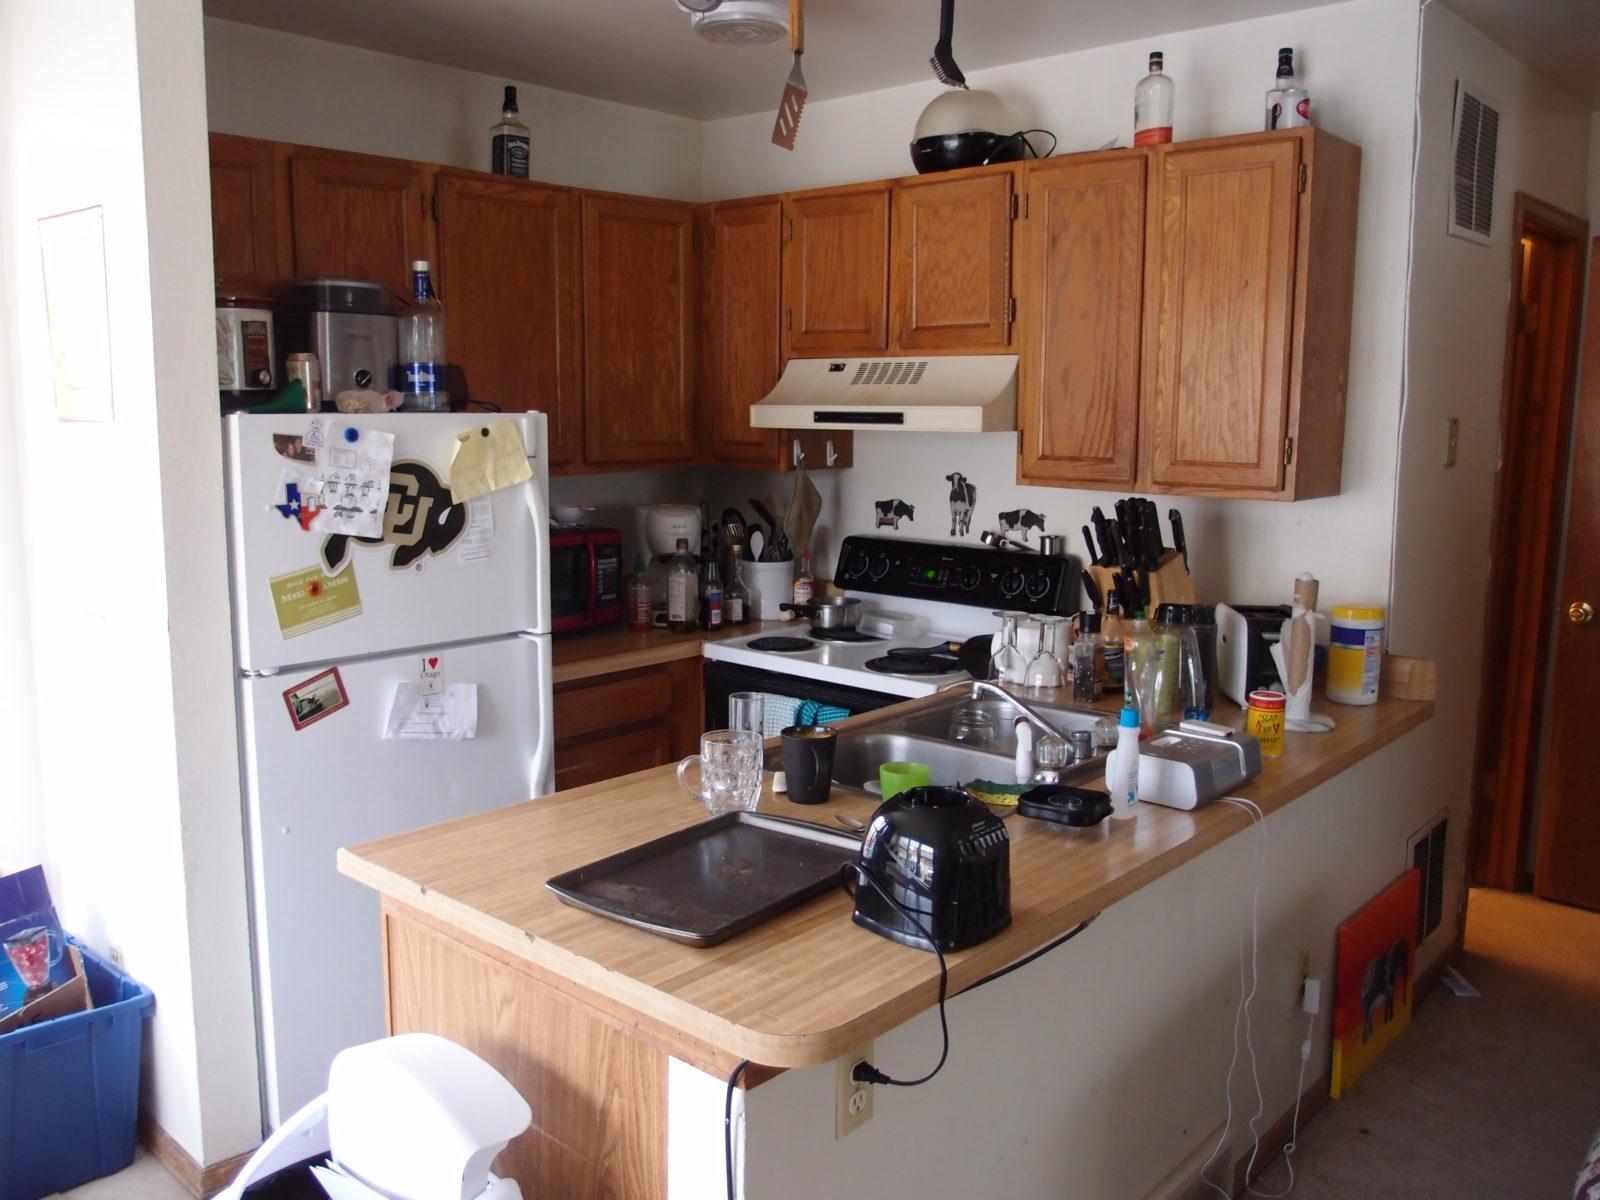 2005 Goss 1 Kitchen